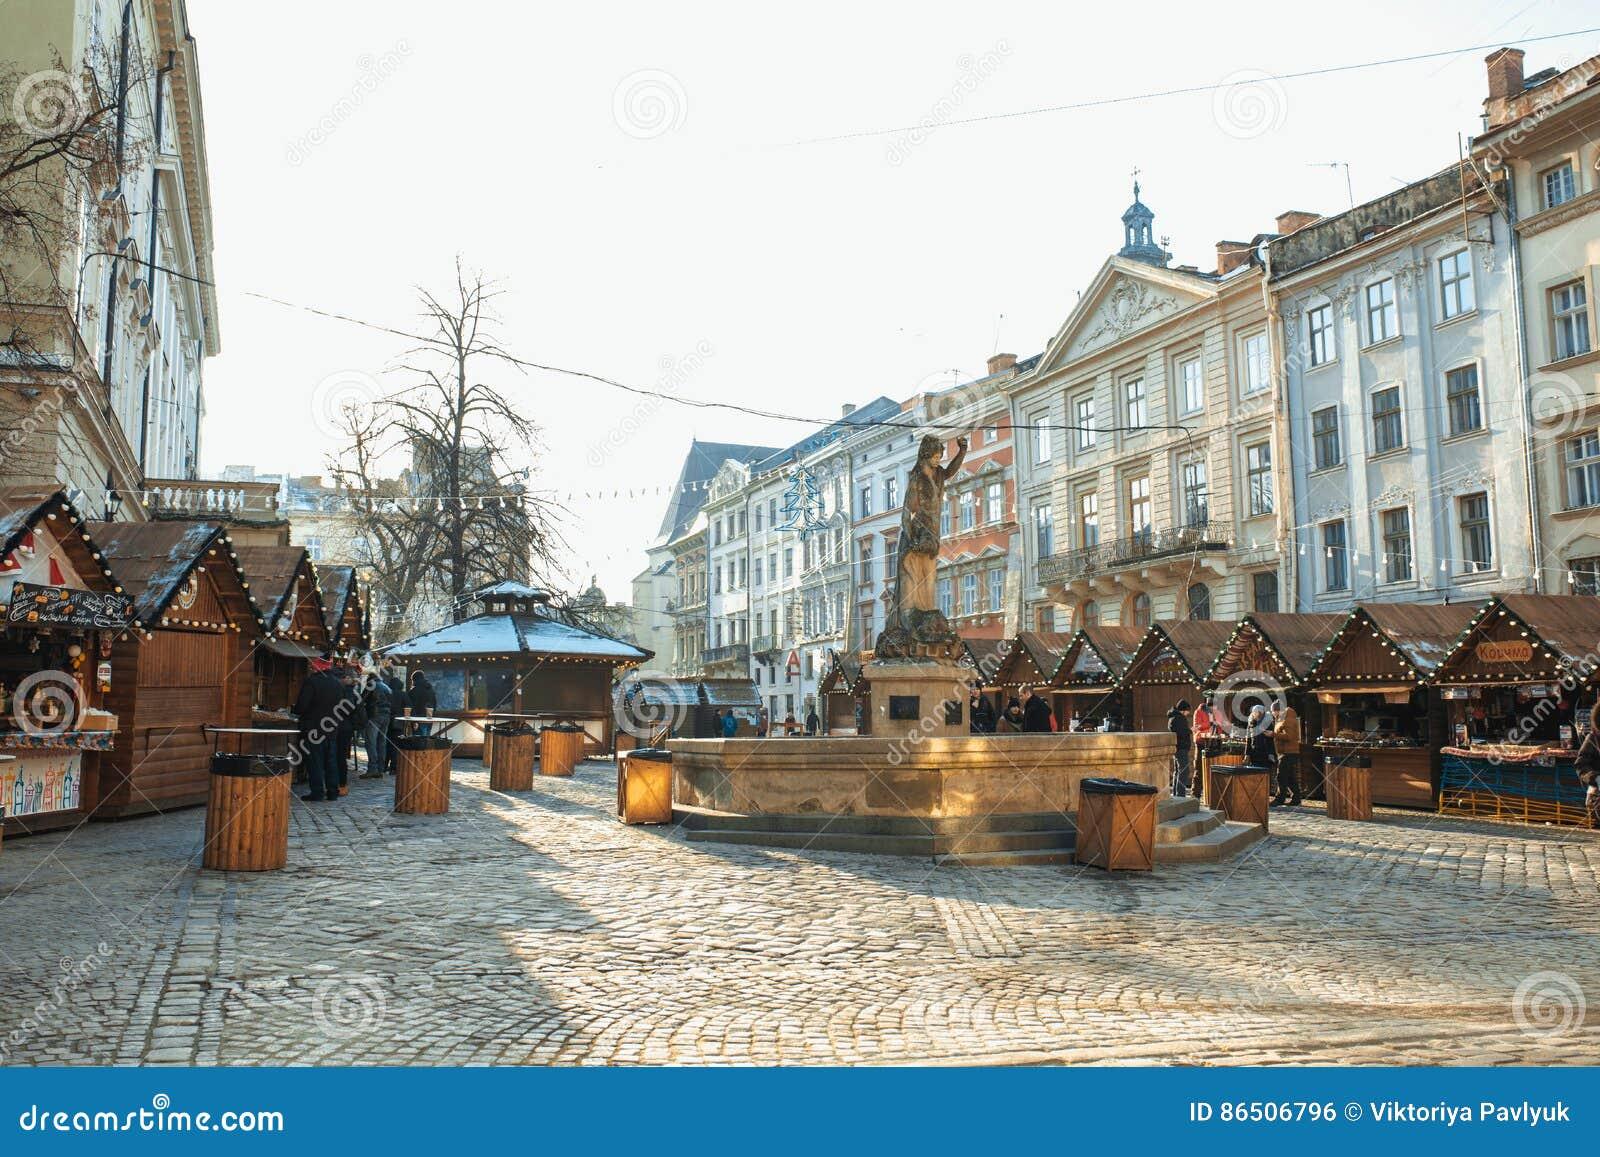 lemberg ukraine 1 januar 2017 weihnachten und neues. Black Bedroom Furniture Sets. Home Design Ideas